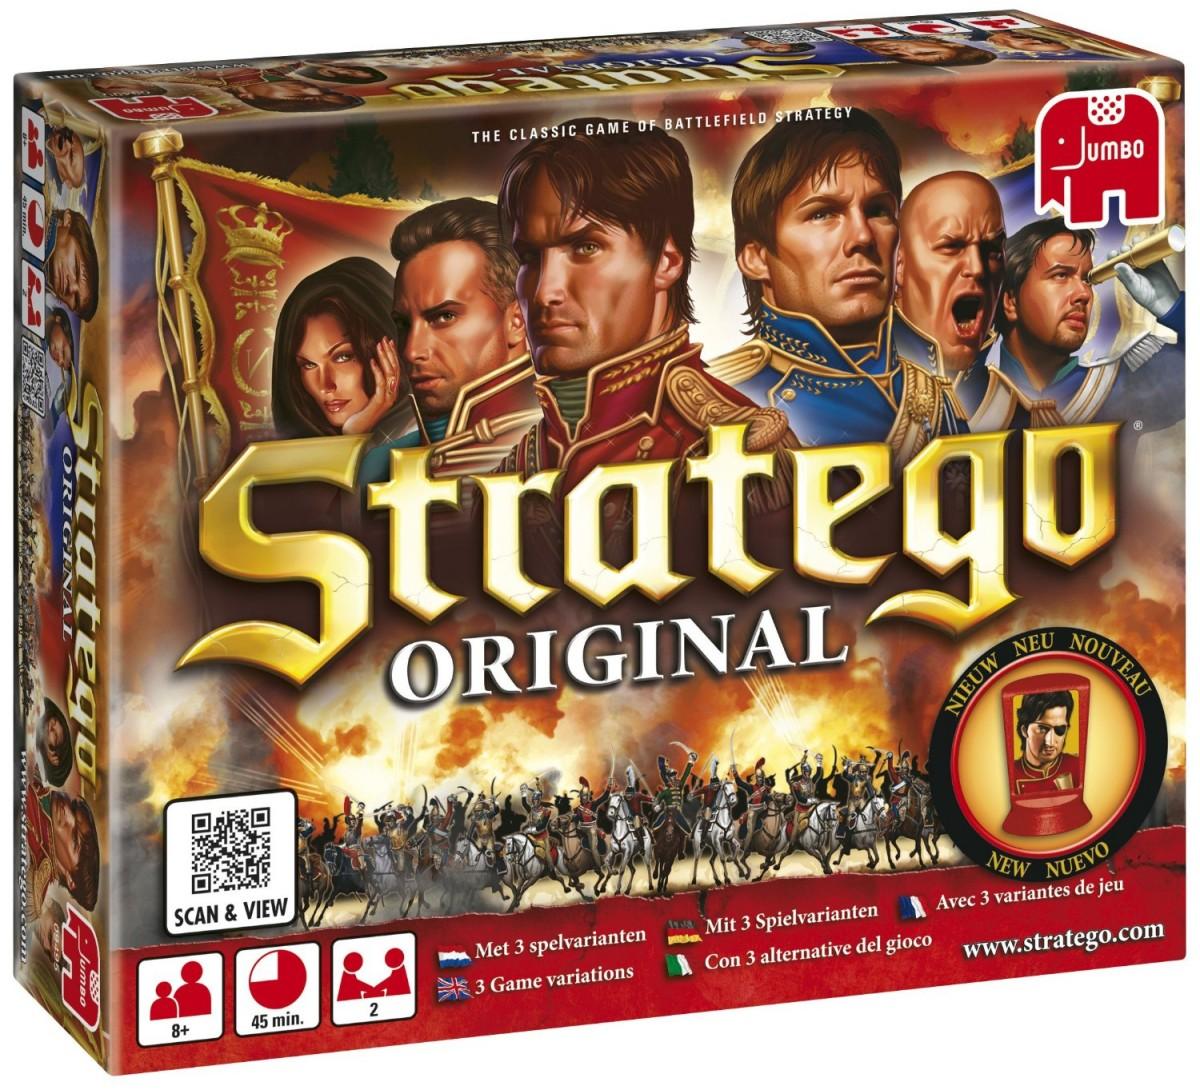 Stratego original spil